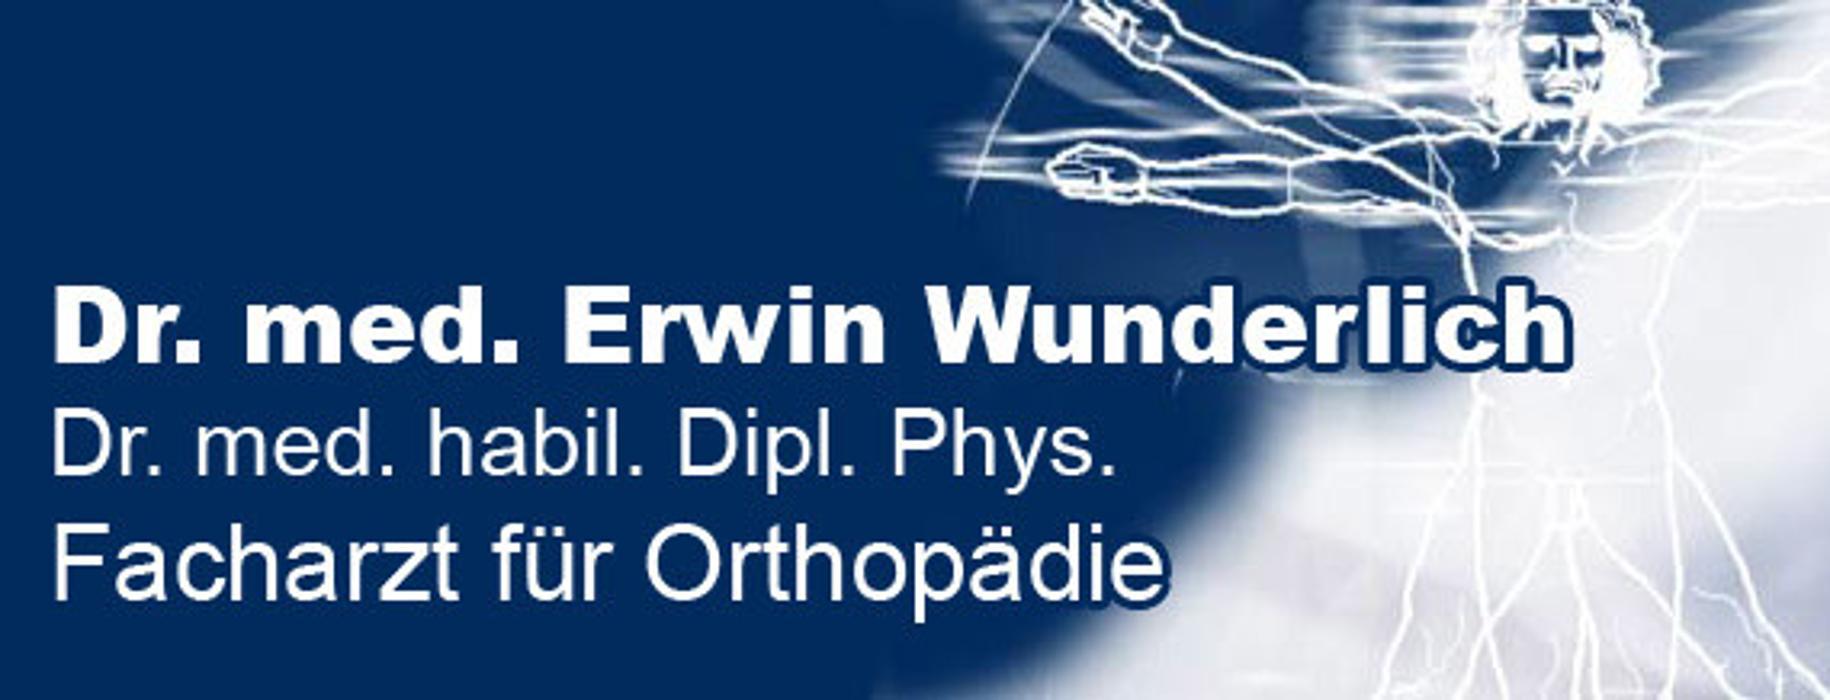 Bild zu Dr. med. Erwin Wunderlich Facharzt für Orthopädie in München